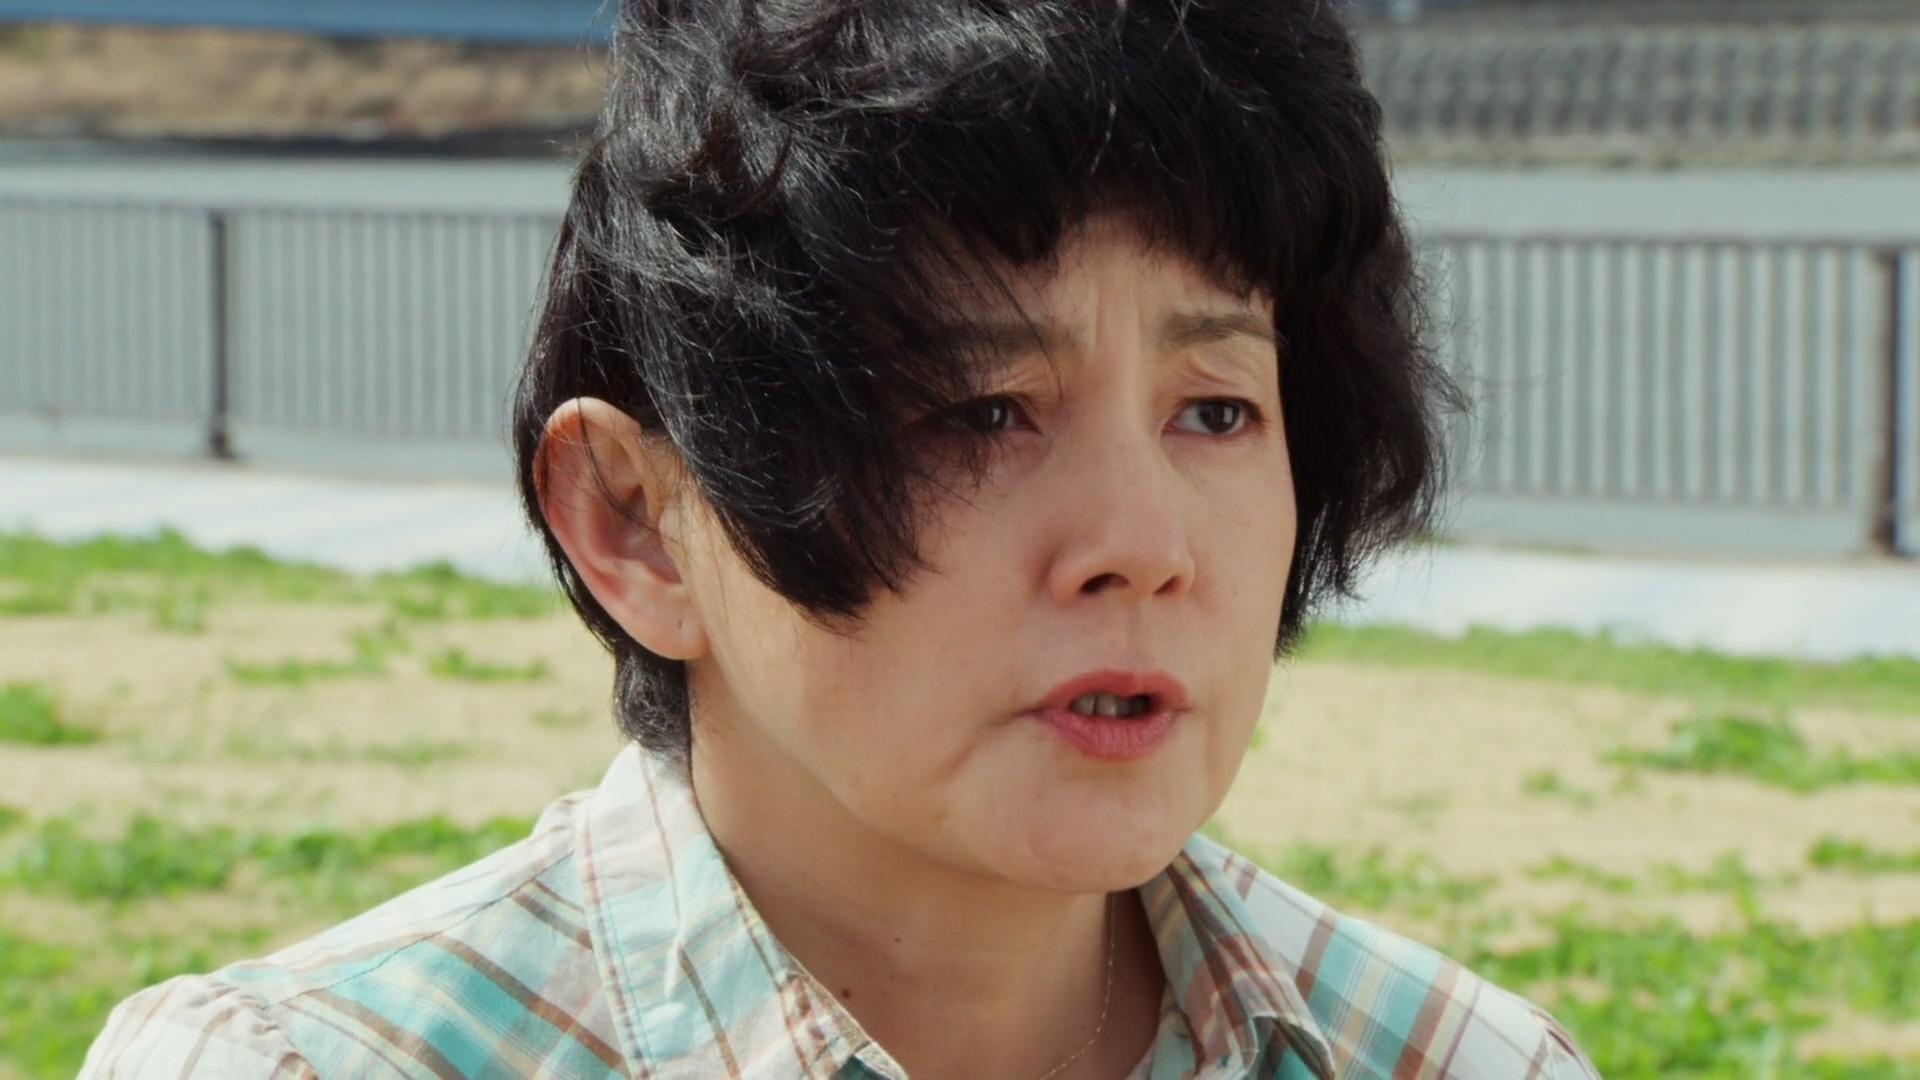 Teruyo Izumi